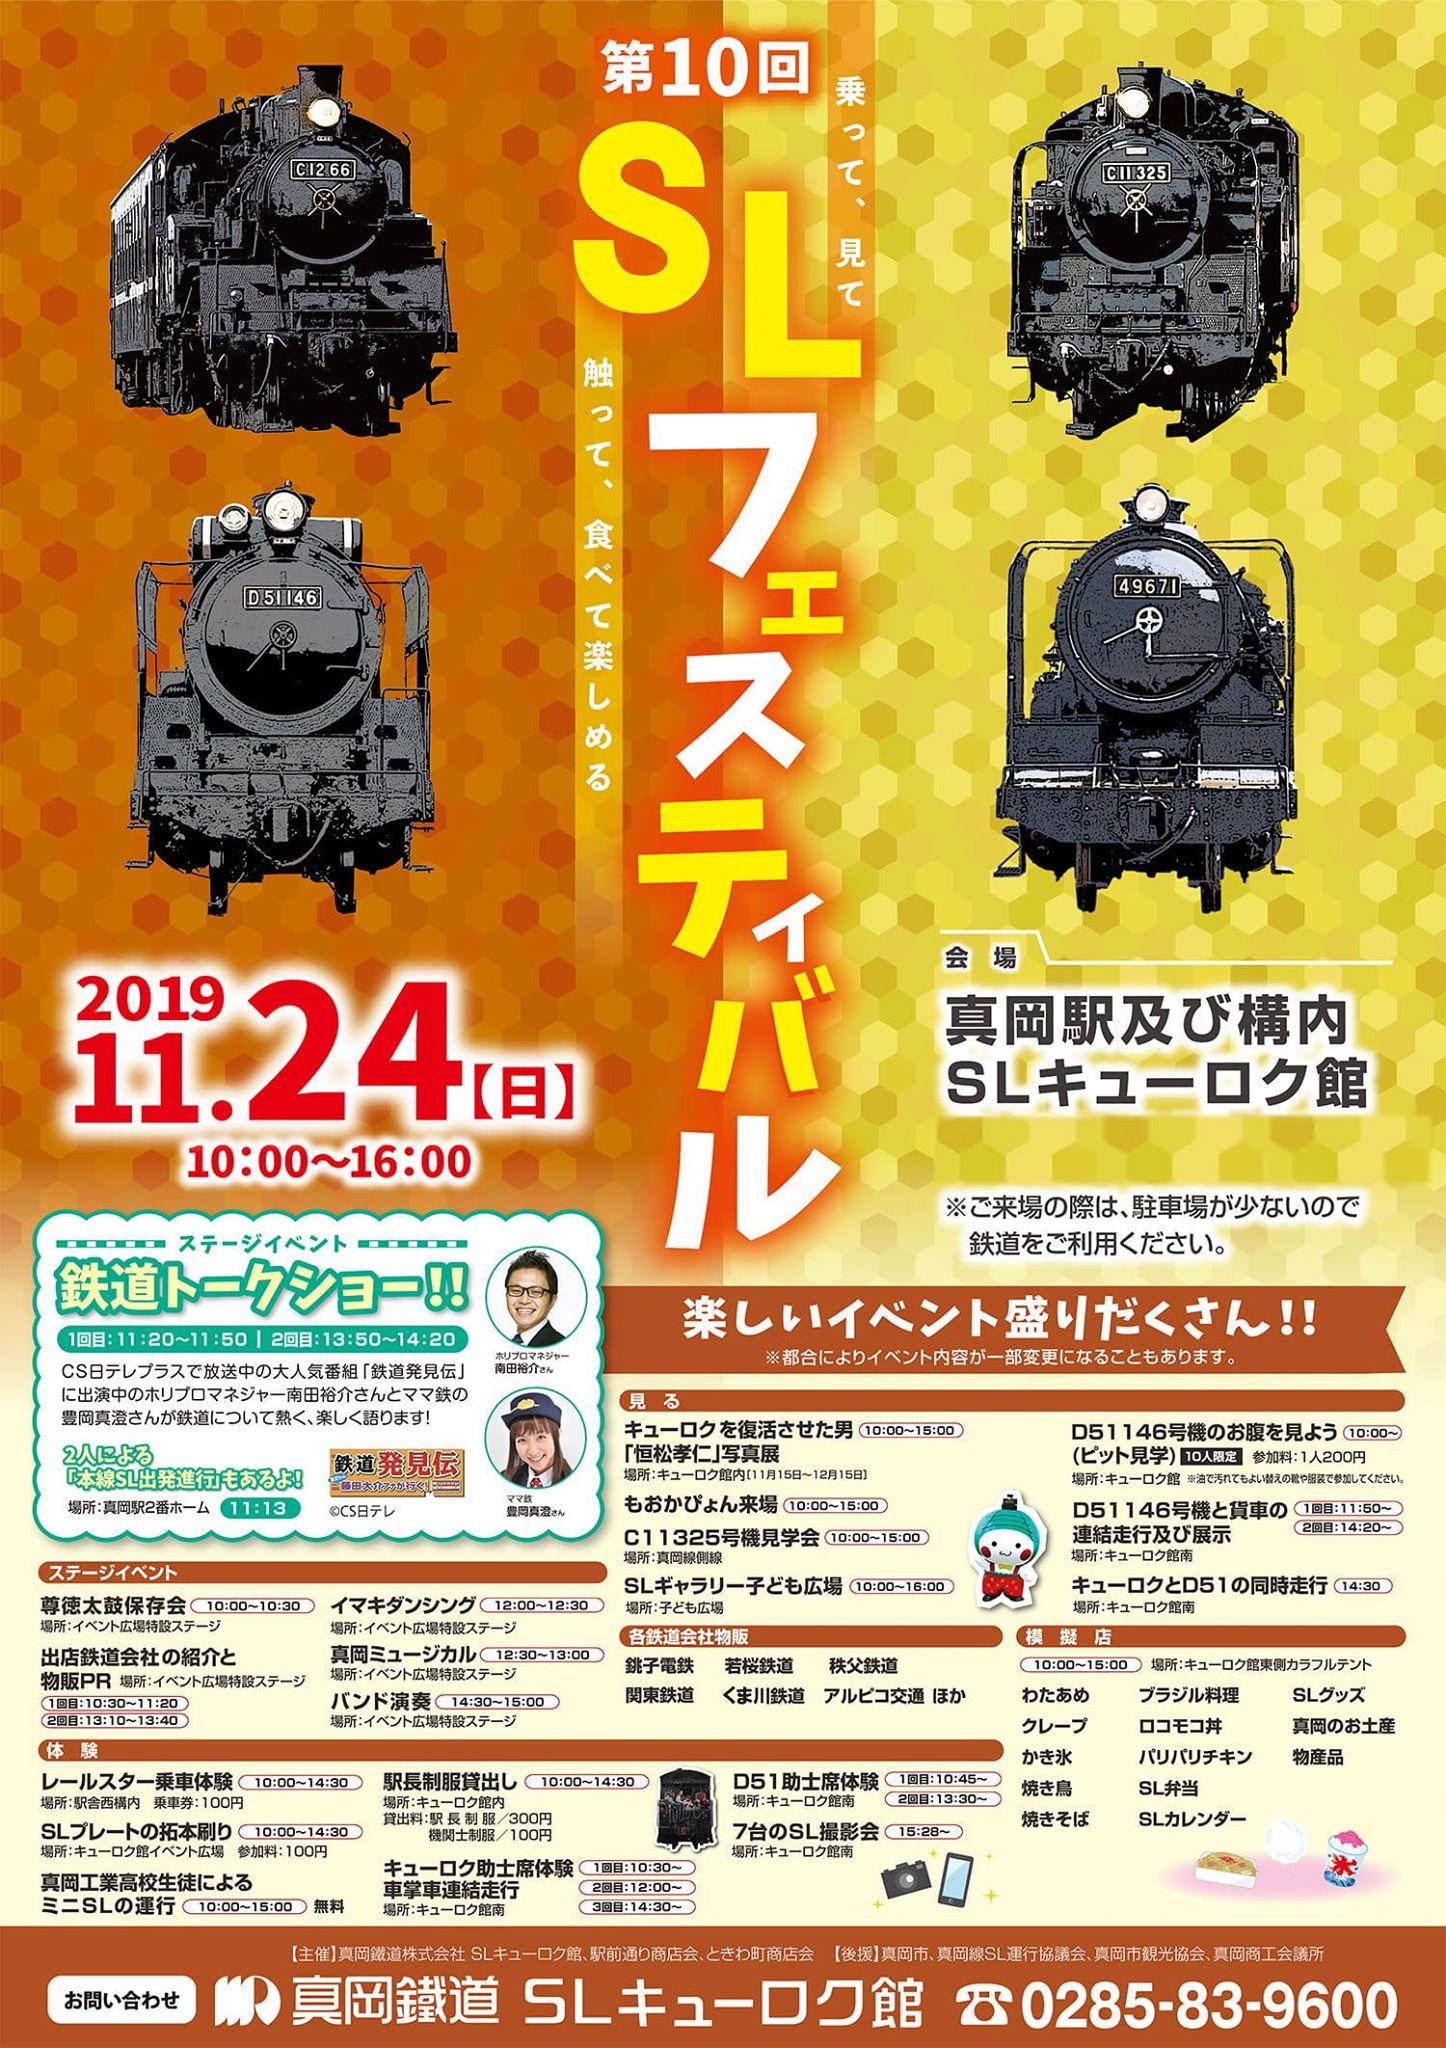 真岡鉄道 SLフェスティバル